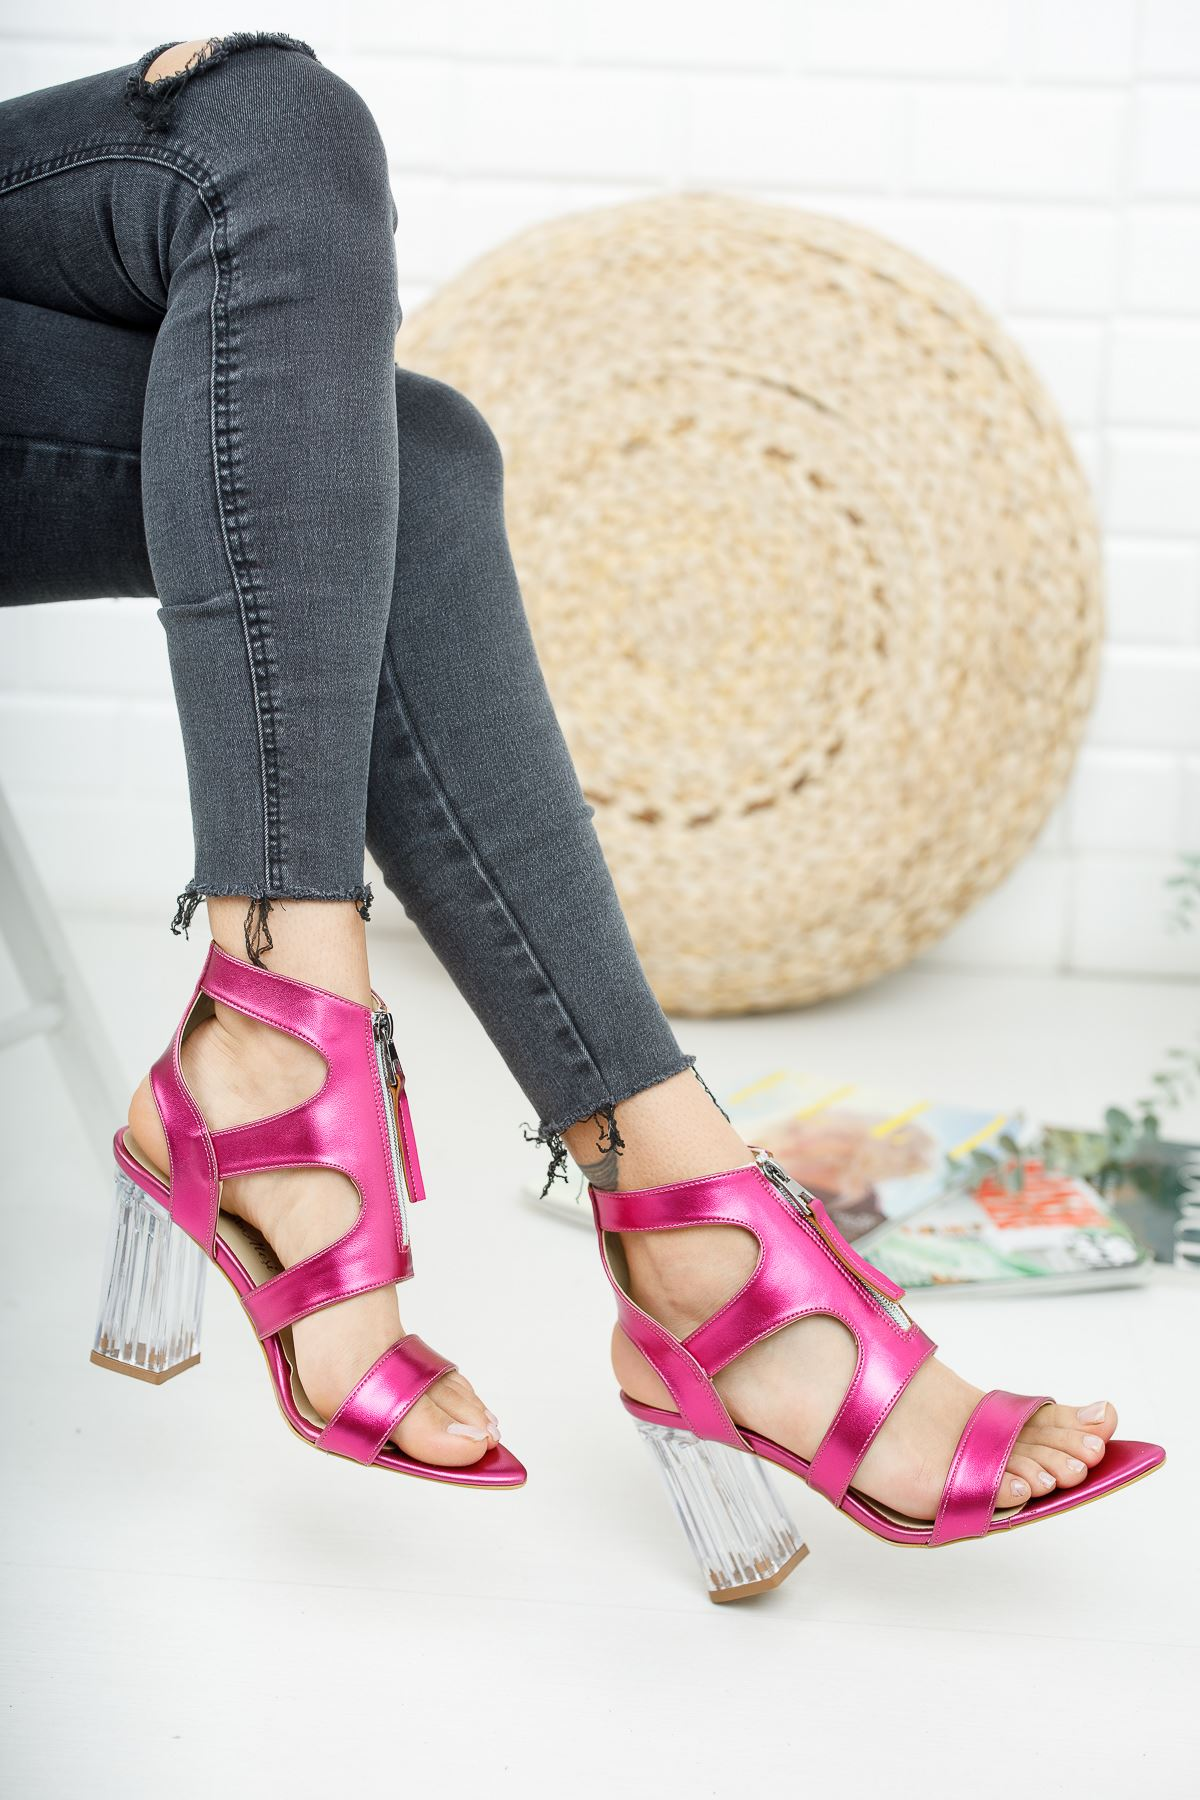 Alec Fuşya Parlak Şeffaf Topuklu Kadın Ayakkabı